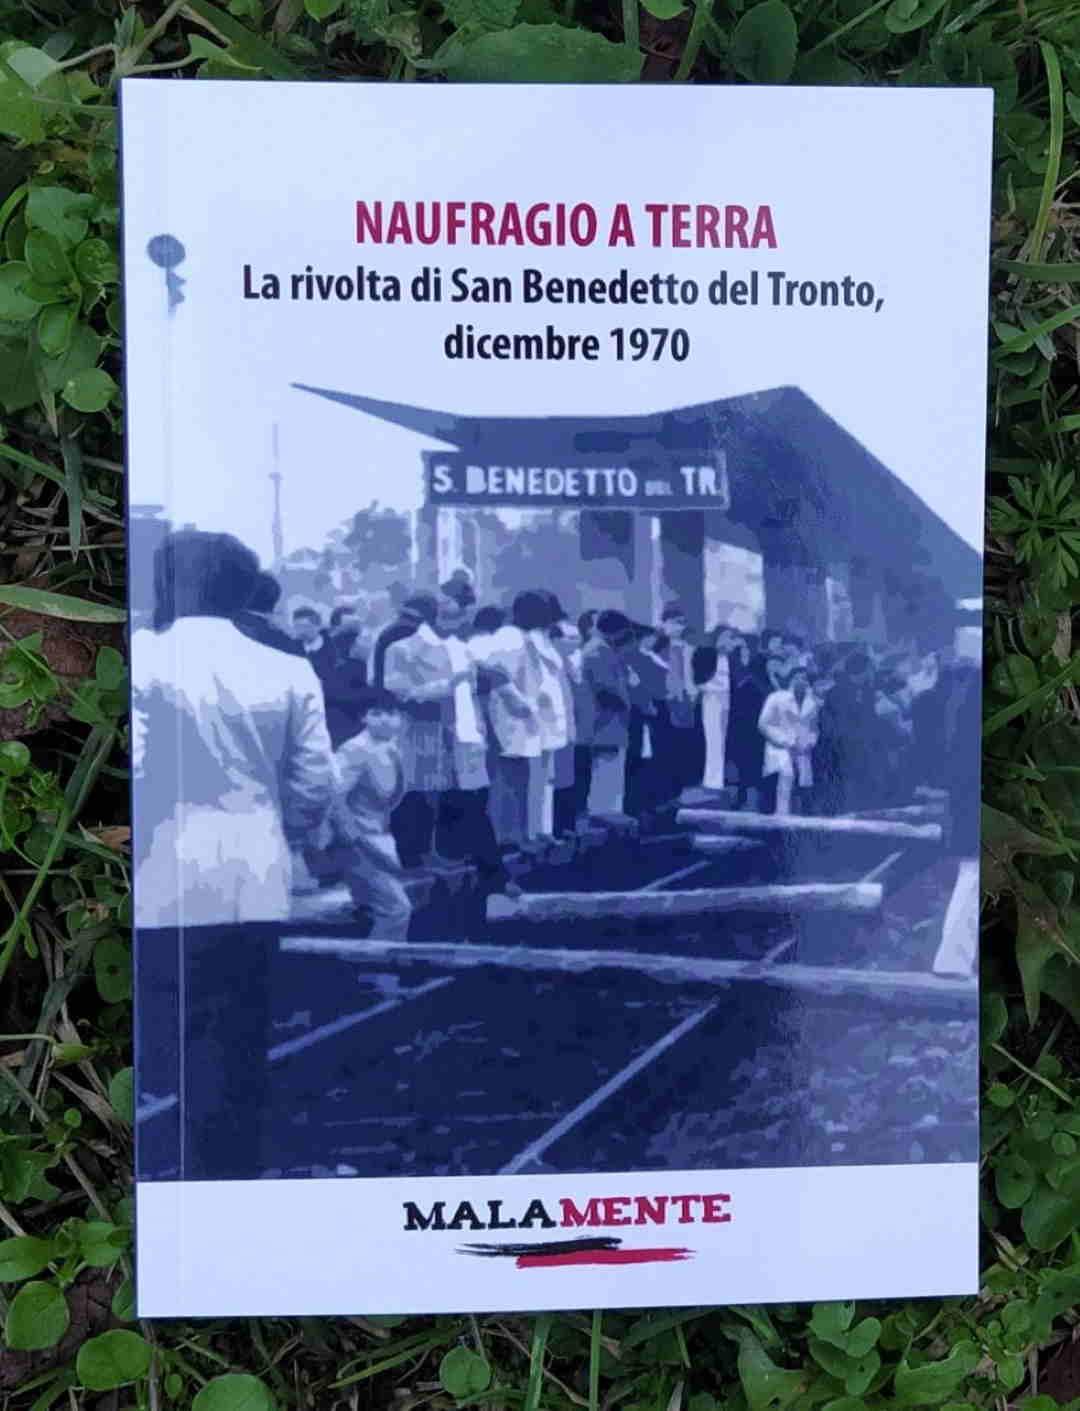 """Fresco di stampa, """"Naufragio a terra. La rivolta di San Benedetto del Tronto, dicembre 1970"""""""